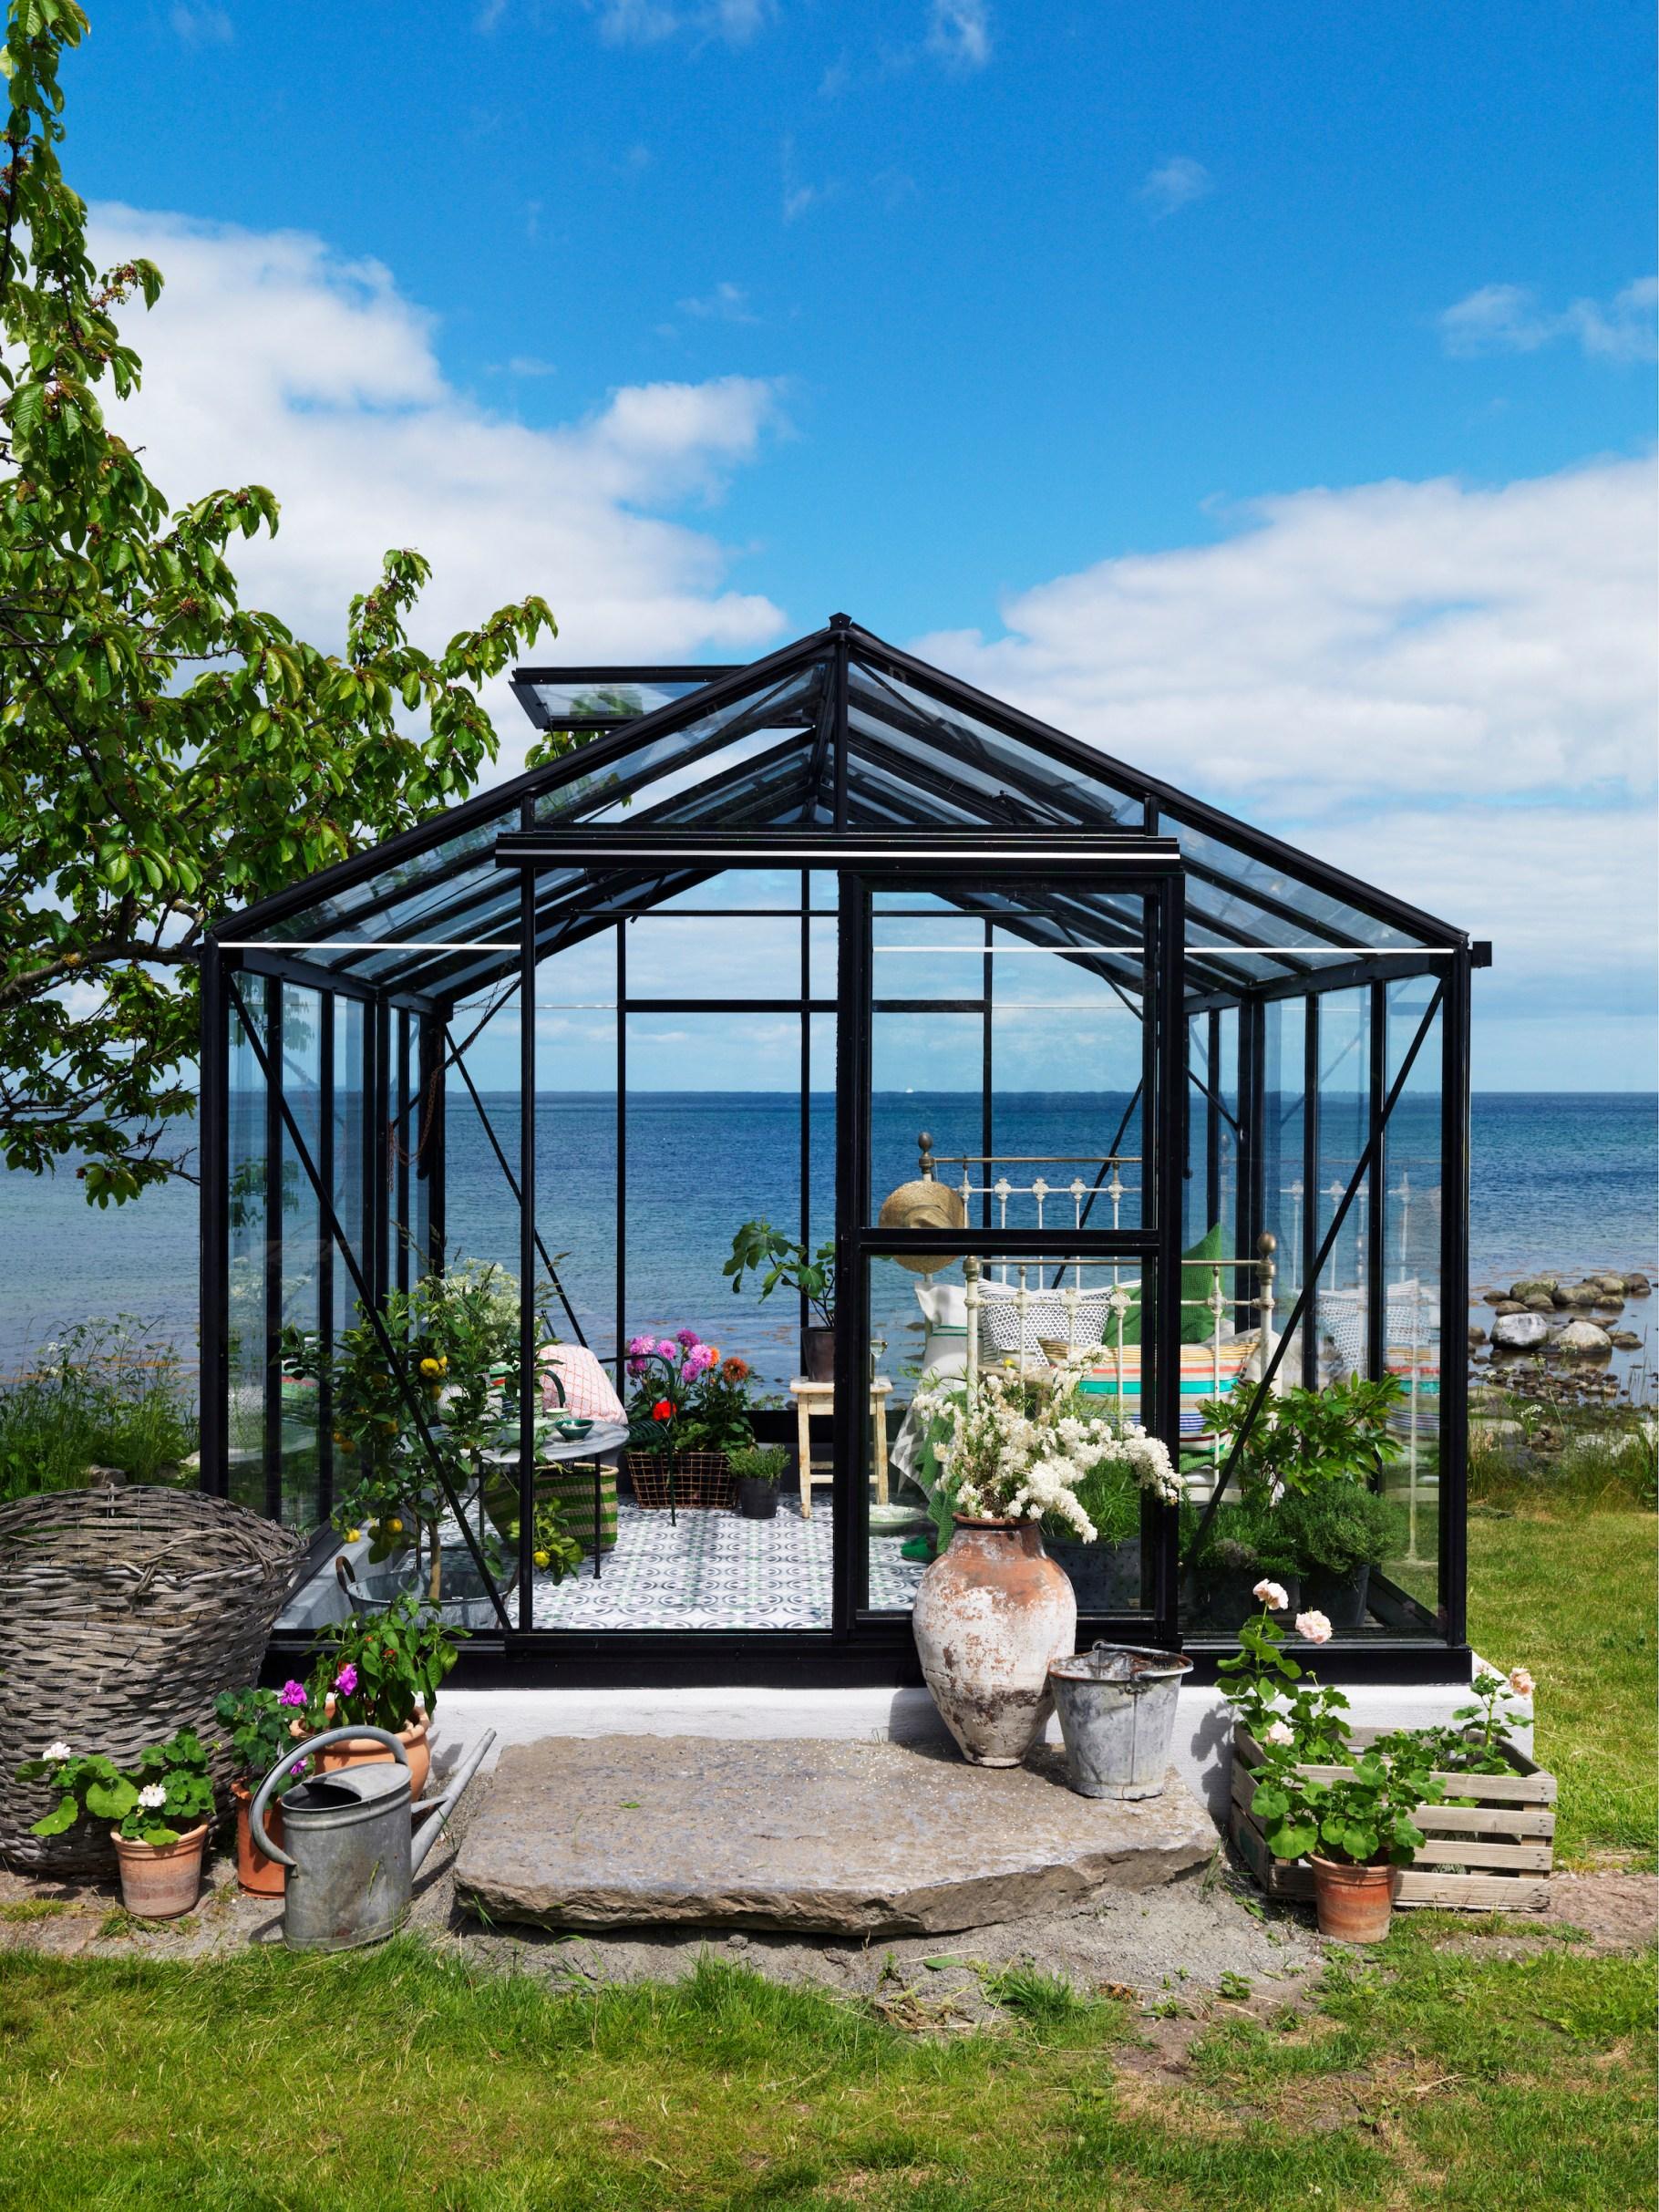 Växthus medelhavsväxthus styling sommar hav trädgård Ulrika Grönlund medelhav